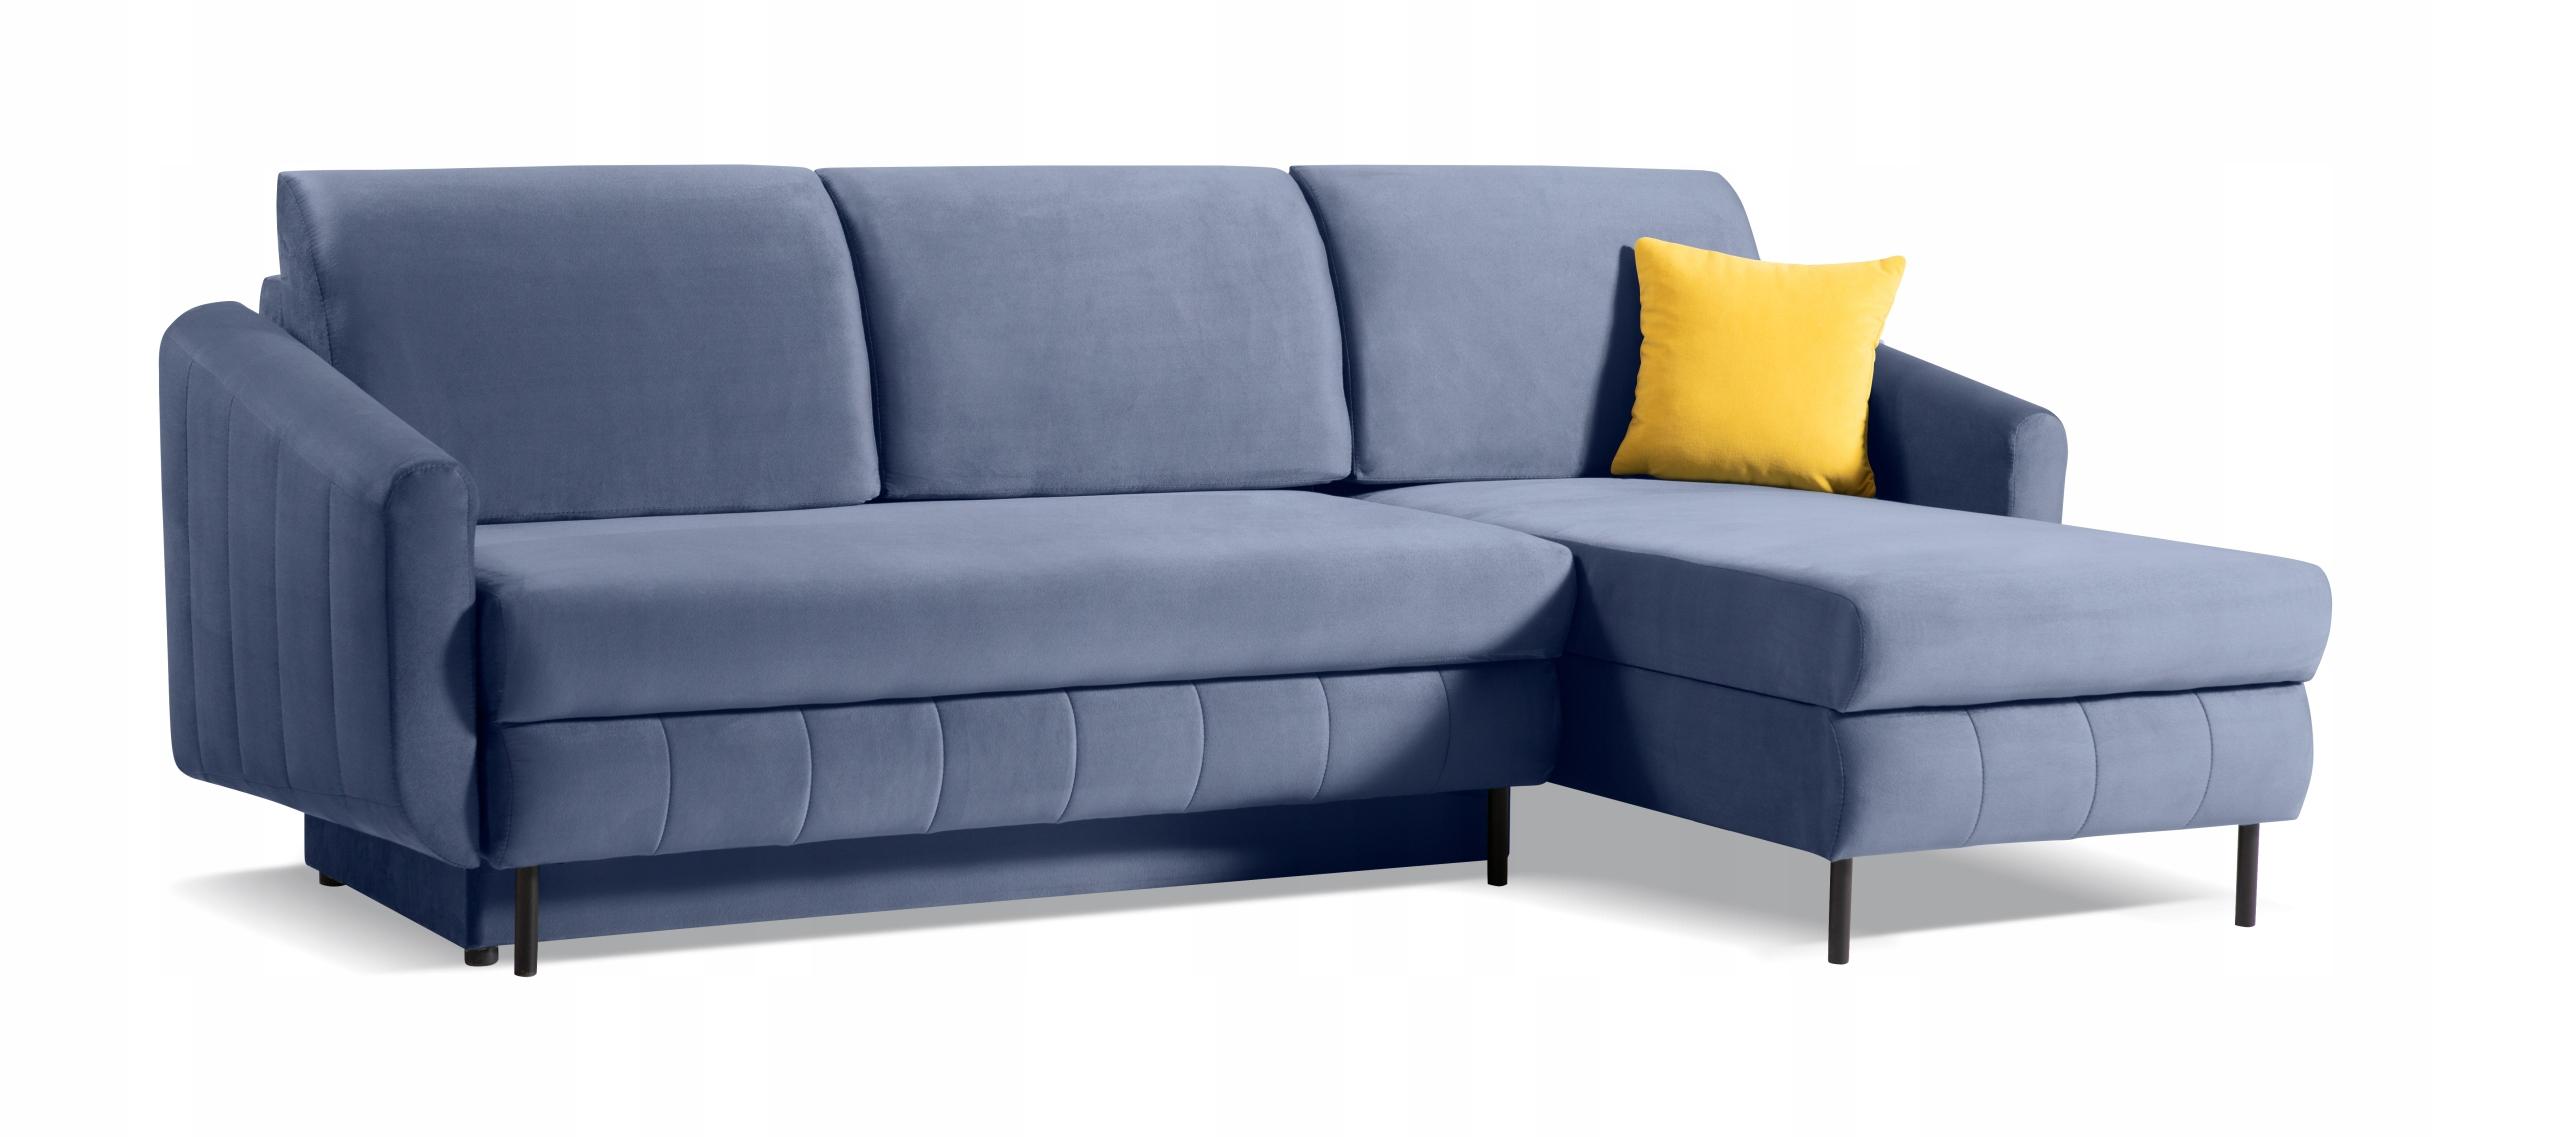 RINGO NEU komfortable Ecke Wohnzimmer Ecke Farbe Marke Ein weiterer Hersteller